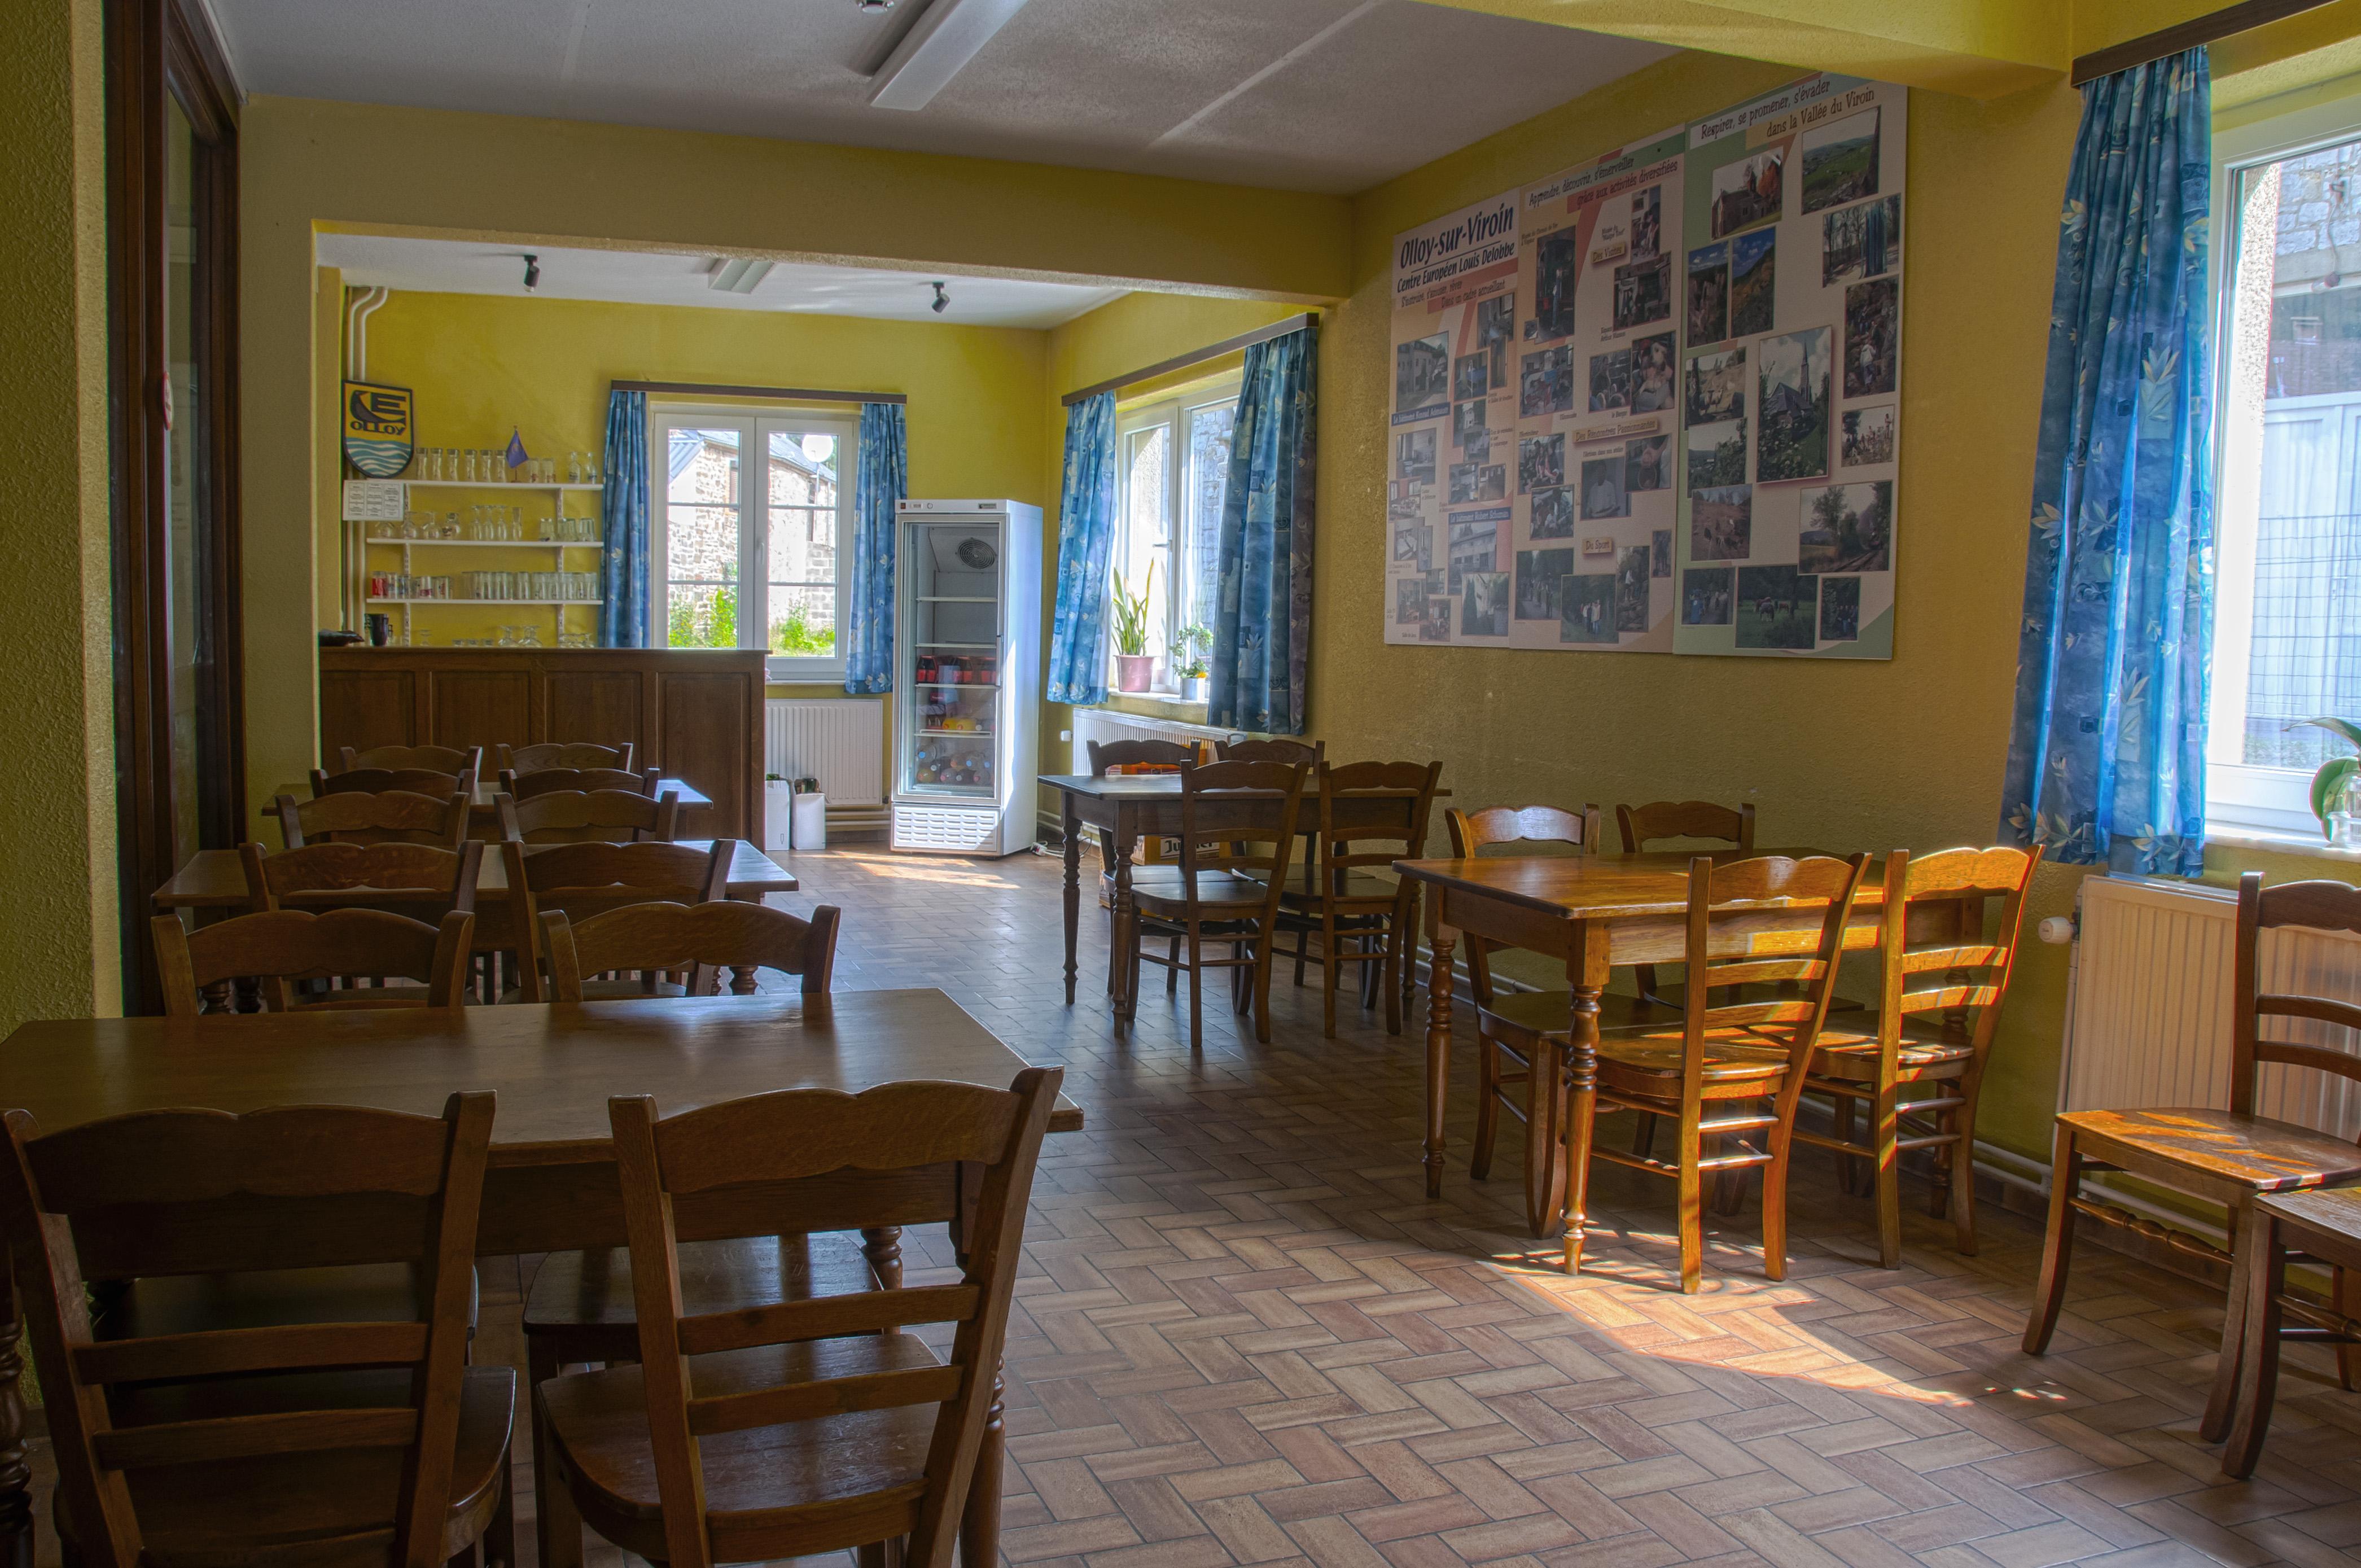 Salle TV - bar - réunions